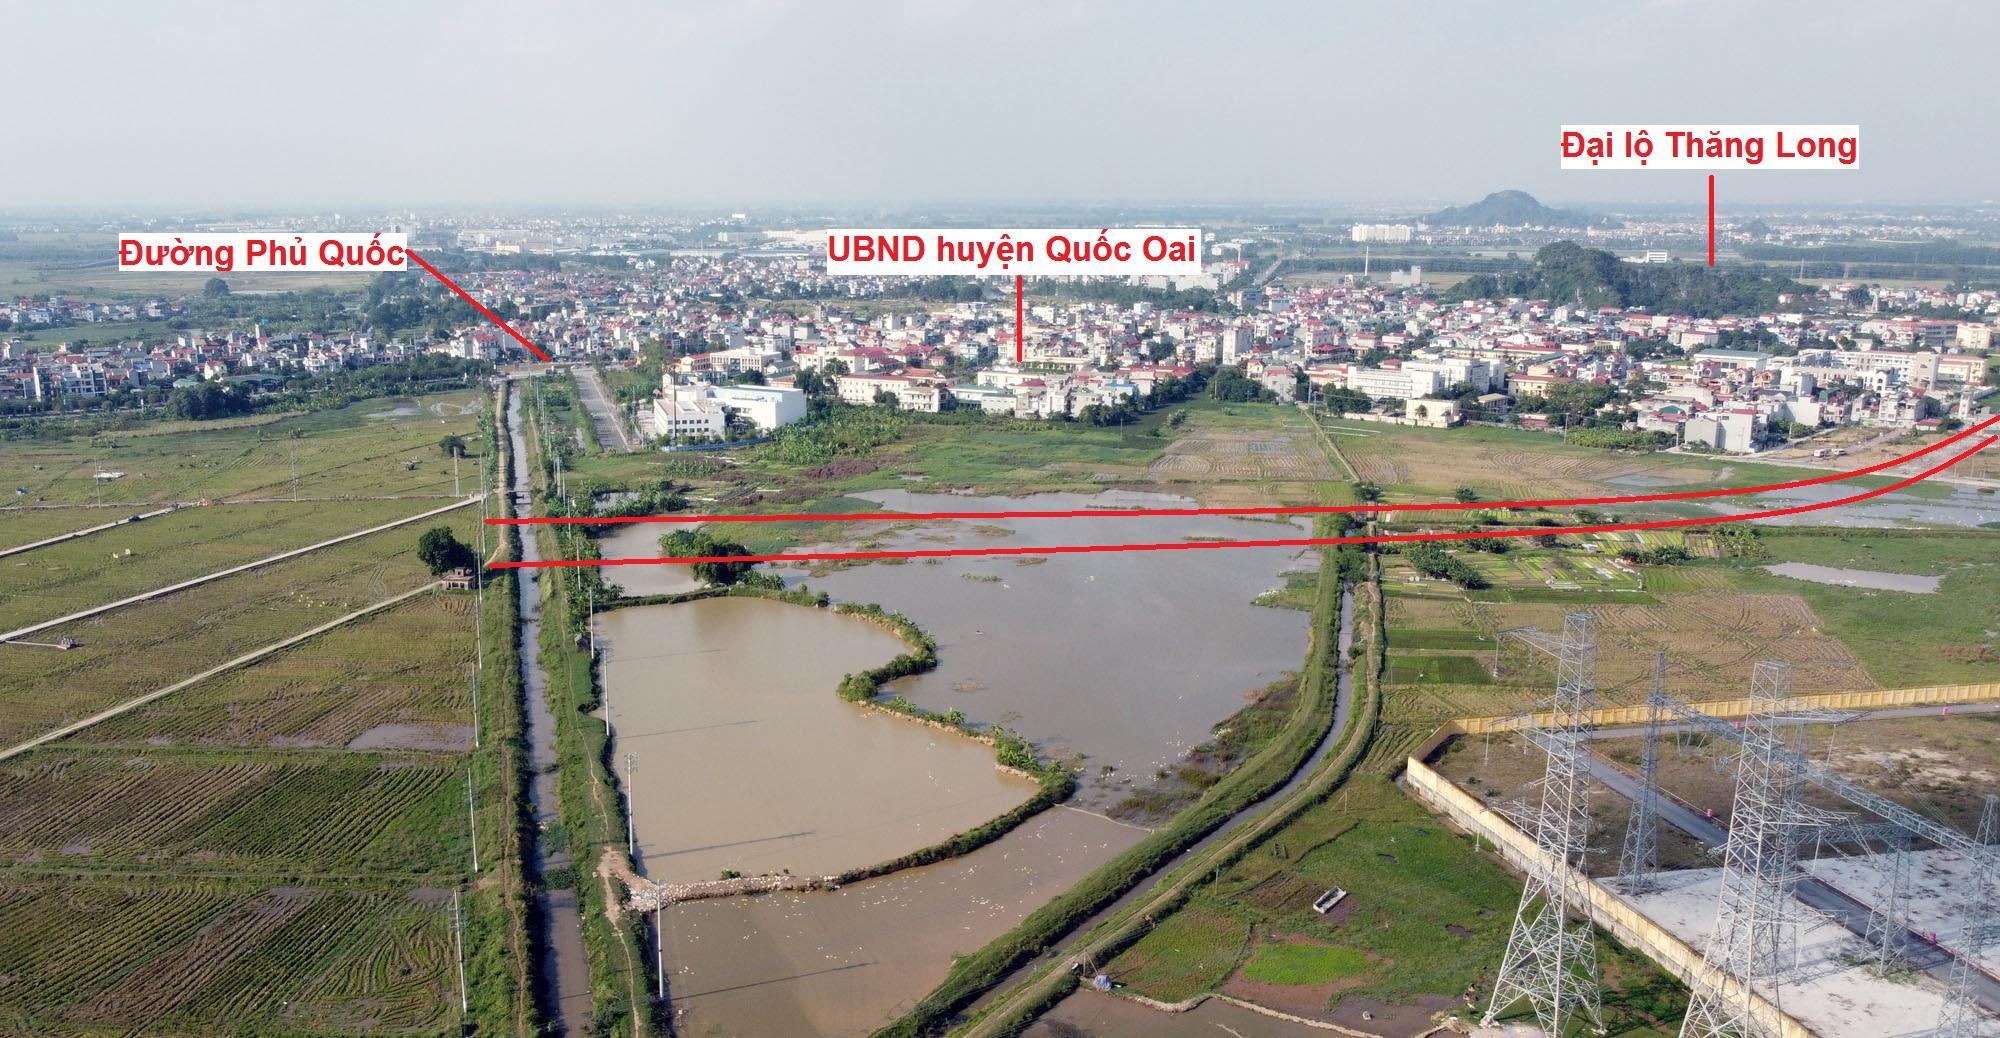 Ba đường sẽ mở theo qui hoạch ở thị trấn Quốc Oai, Quốc Oai, Hà Nội - Ảnh 11.